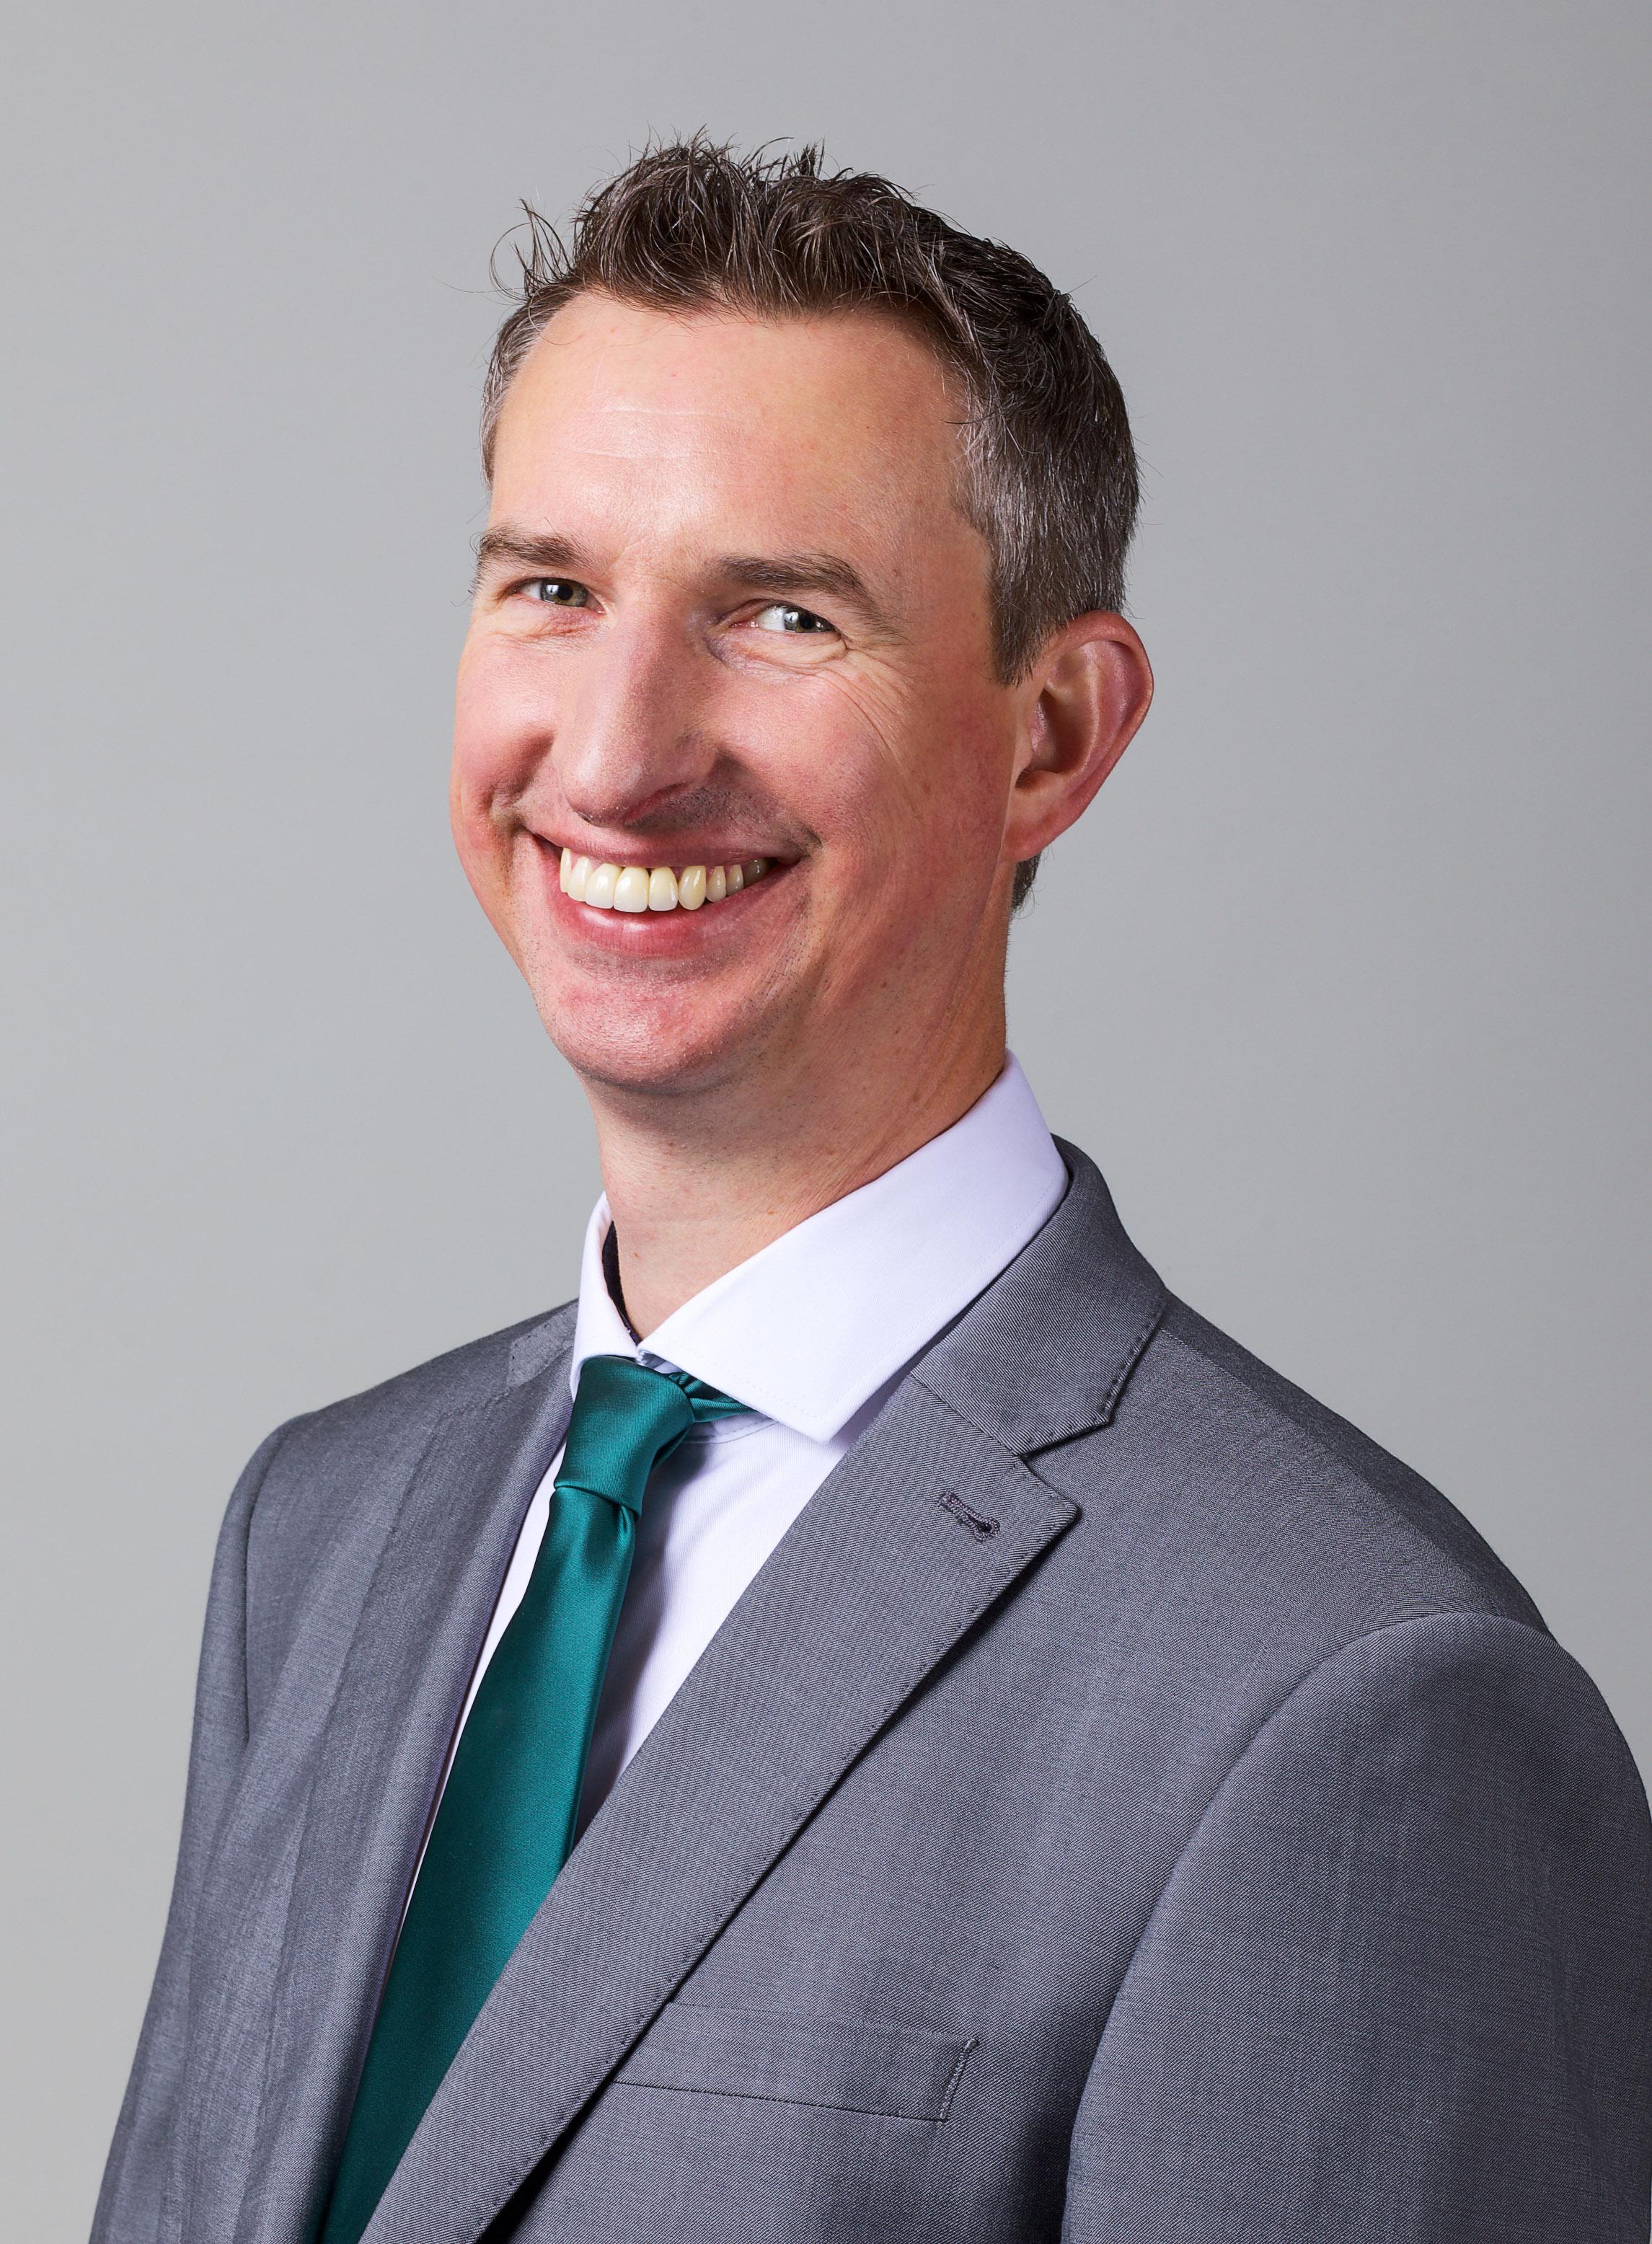 Neil Abbott